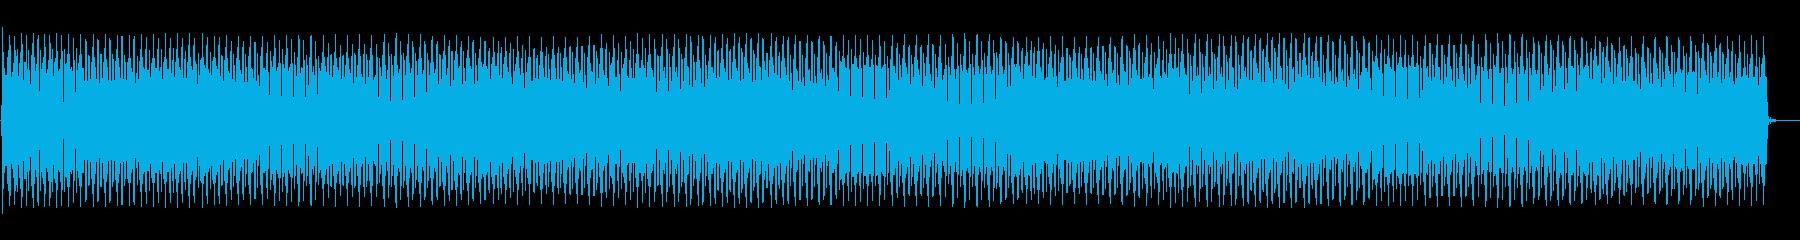 自動アラーム音アラームの再生済みの波形